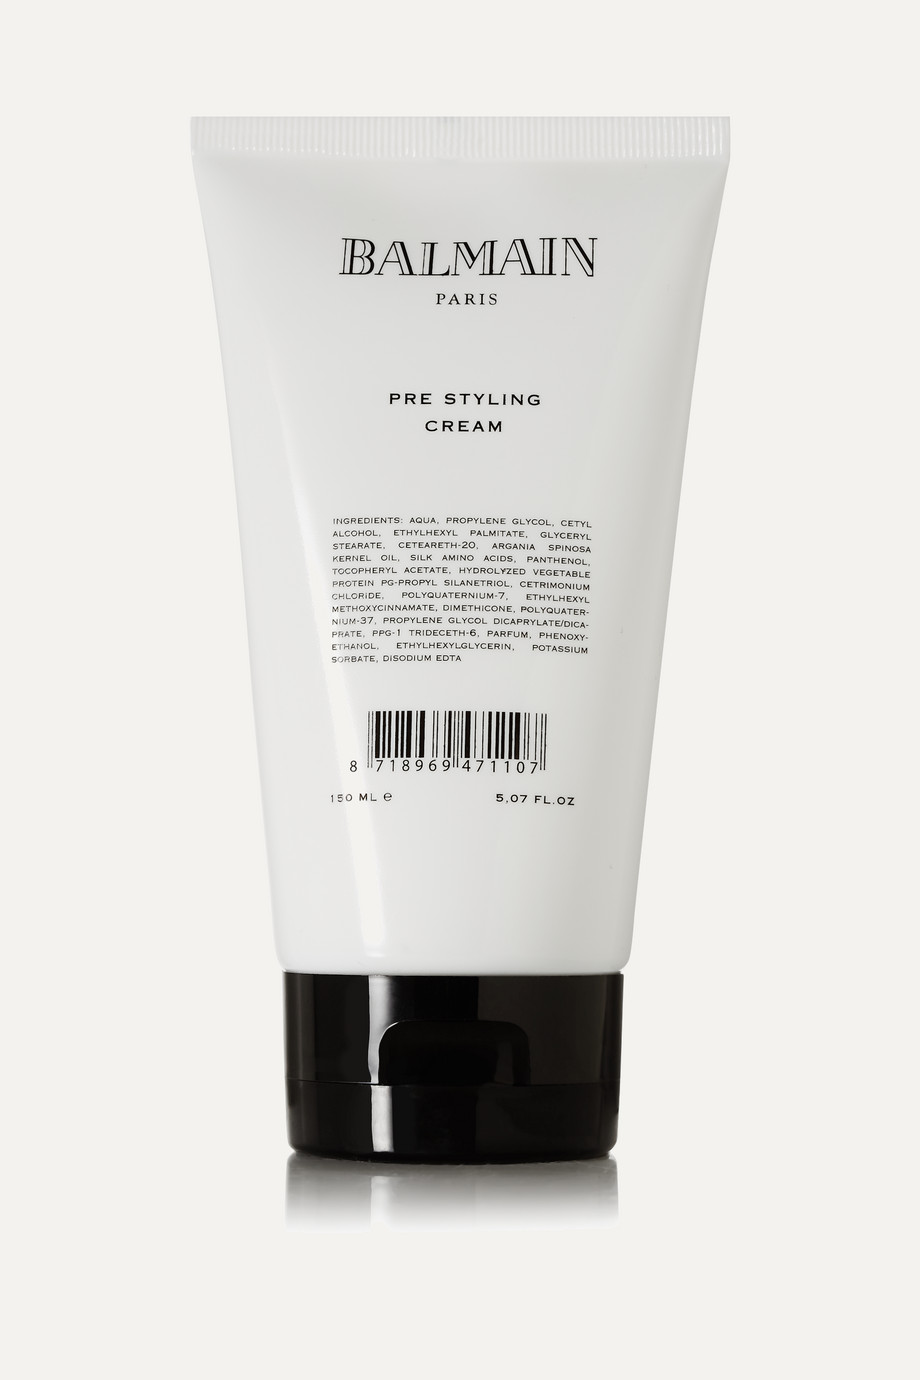 Balmain Paris Hair Couture Pre-Styling Cream, 150ml